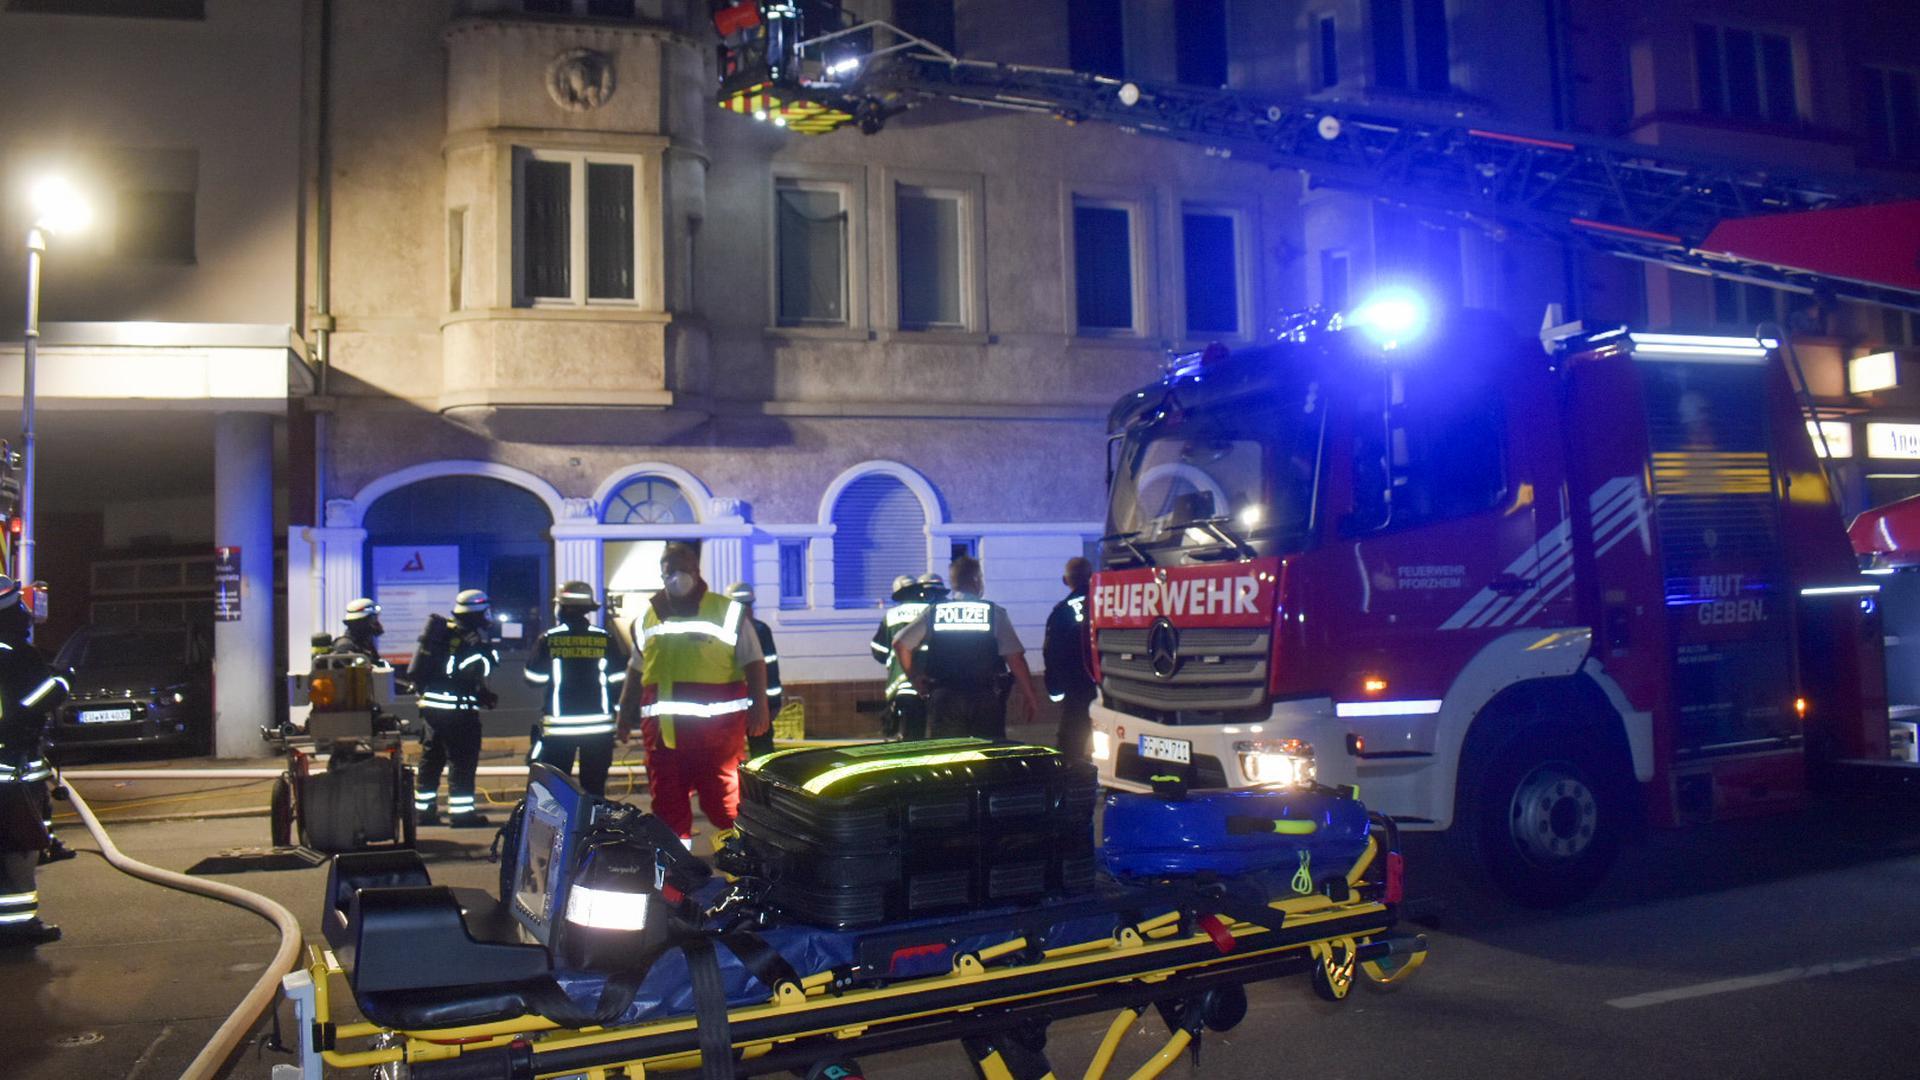 Rettung per Drehleiter: Etwa die Hälfte der Anwohner eines Wohnhauses in der Westlichen musste evakuiert werden. Einige von ihnen musste die Feuerwehr über die Fenster holen.